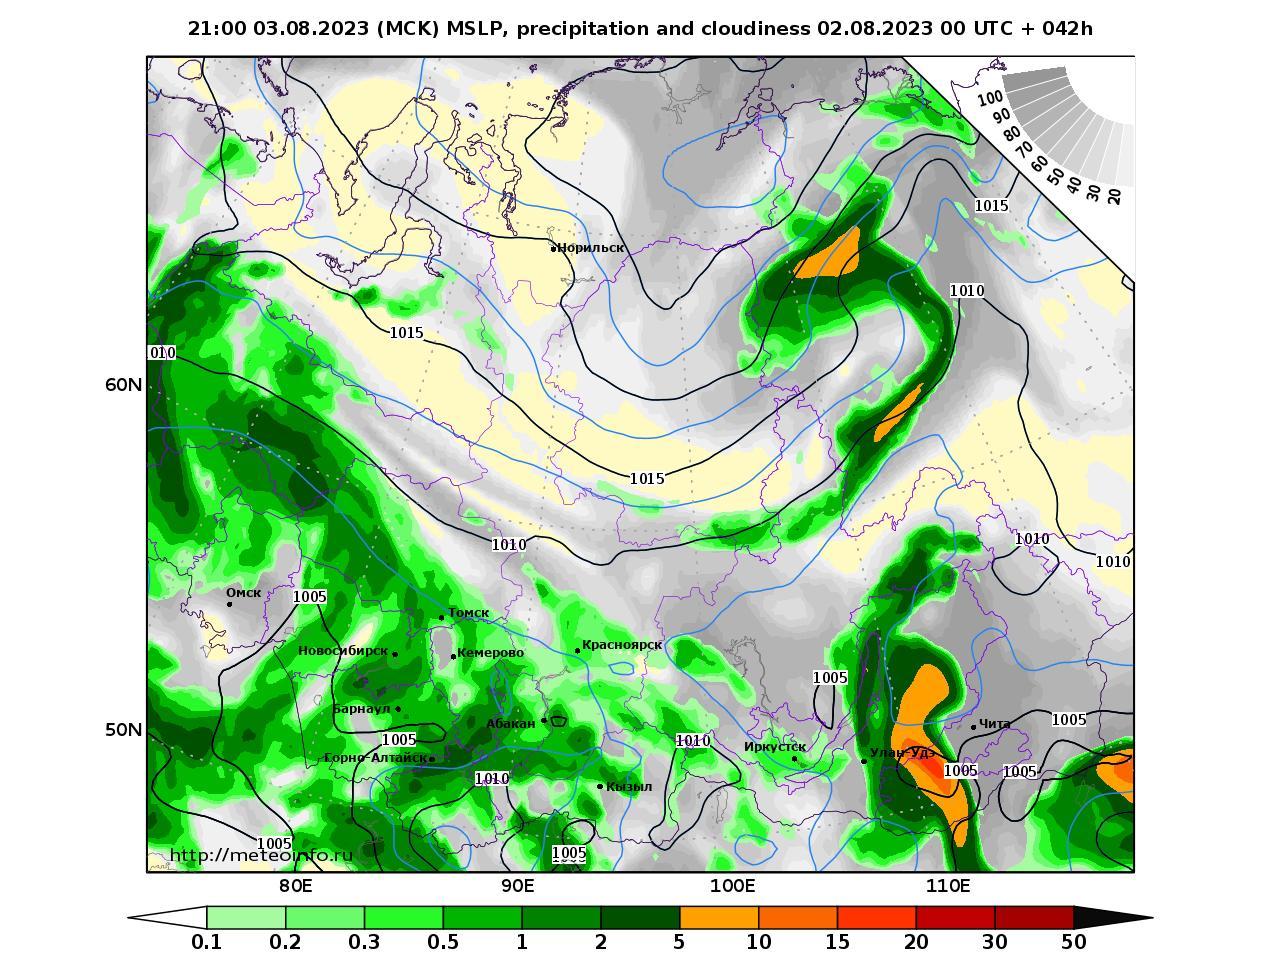 Сибирский Федеральный округ, прогностическая карта осадки и давление, заблаговременность прогноза 42 часа